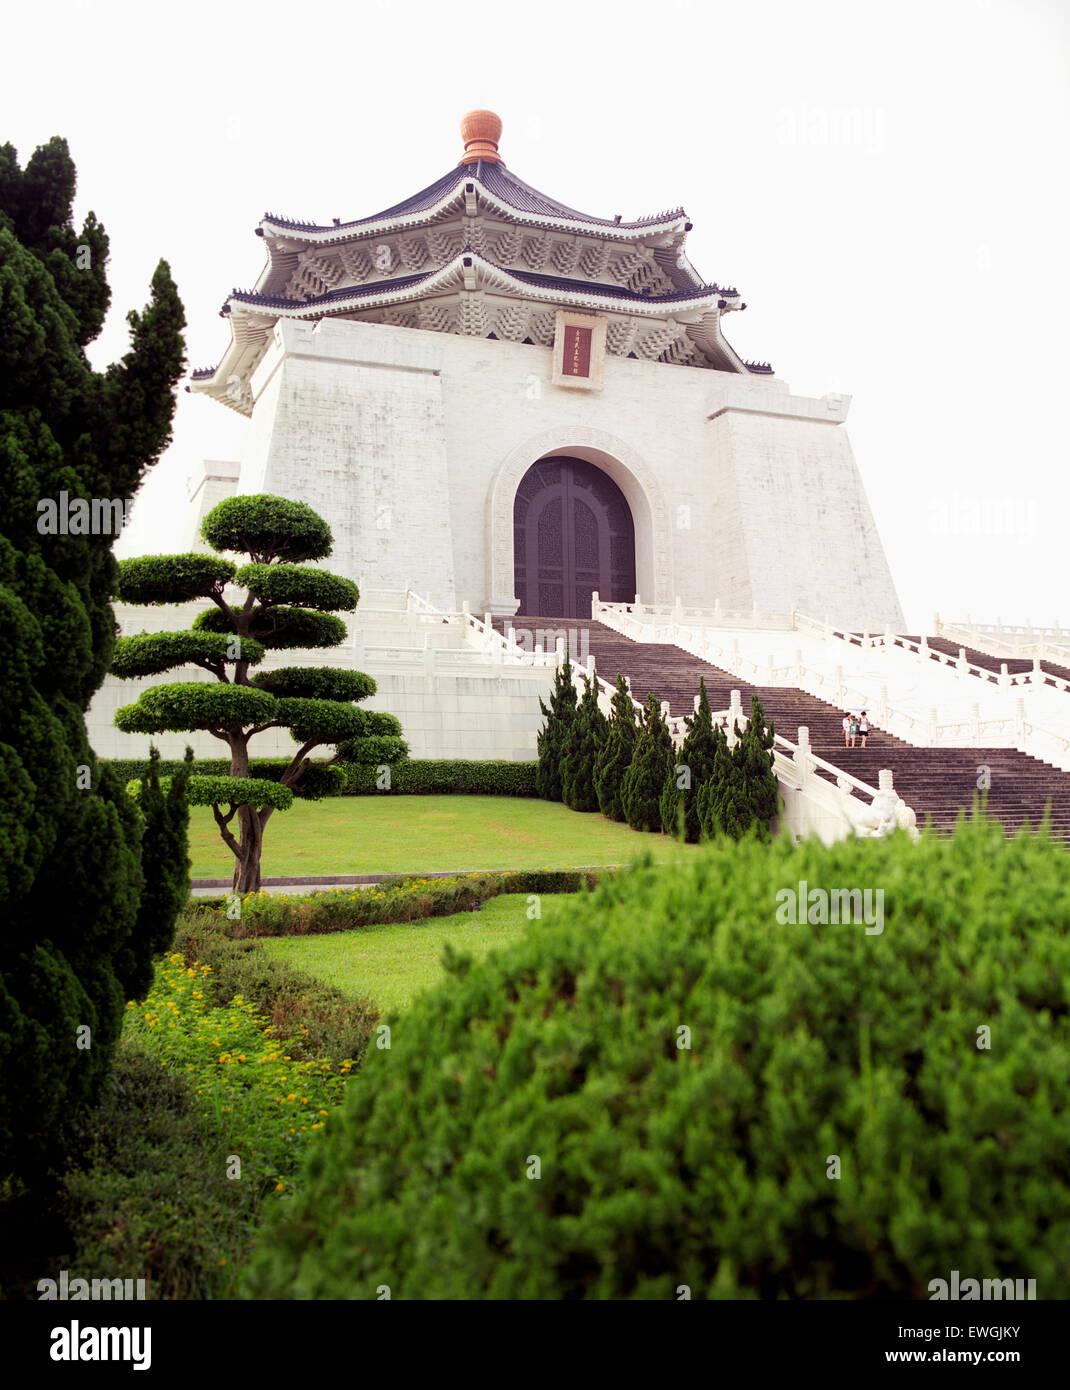 Chiang Kai-shek Memorial Hall, à l'aube. Taipei, Taiwan. L'Asie. Photo Stock